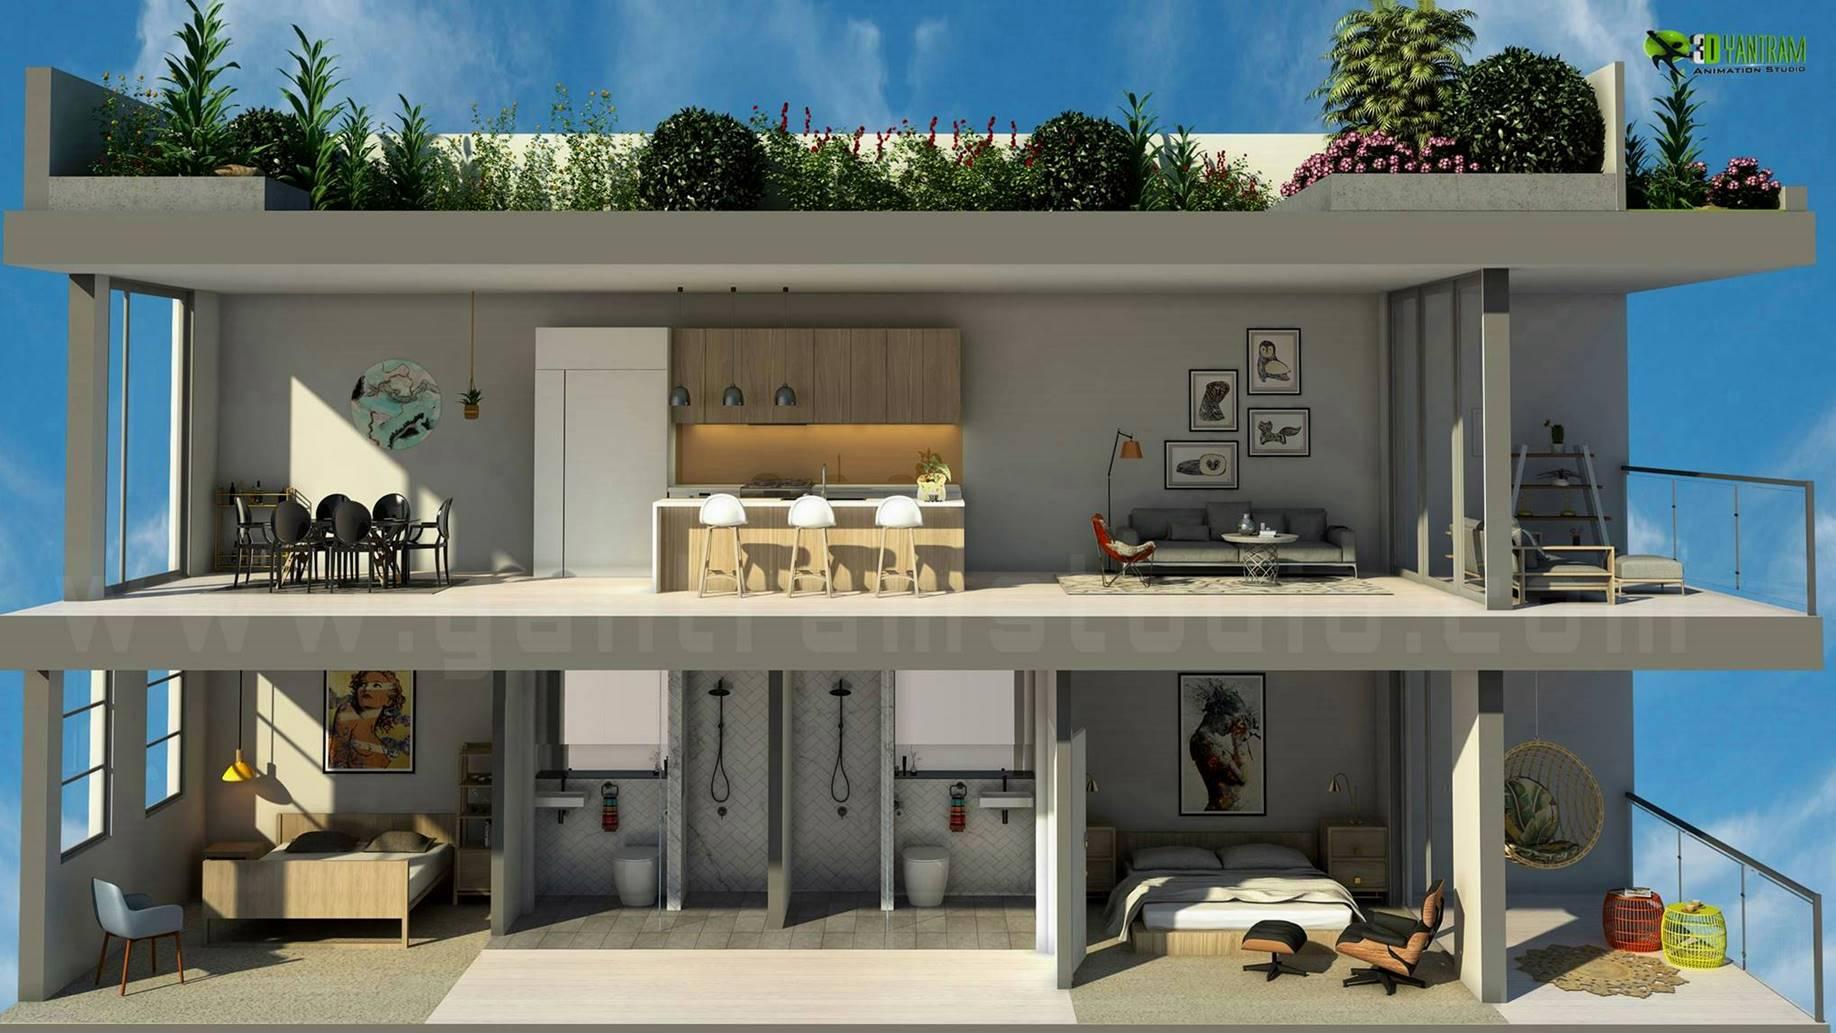 3d floor plans interactive 3d floor plans design studio interactive 3d floor plan by yantram studio 3d artist